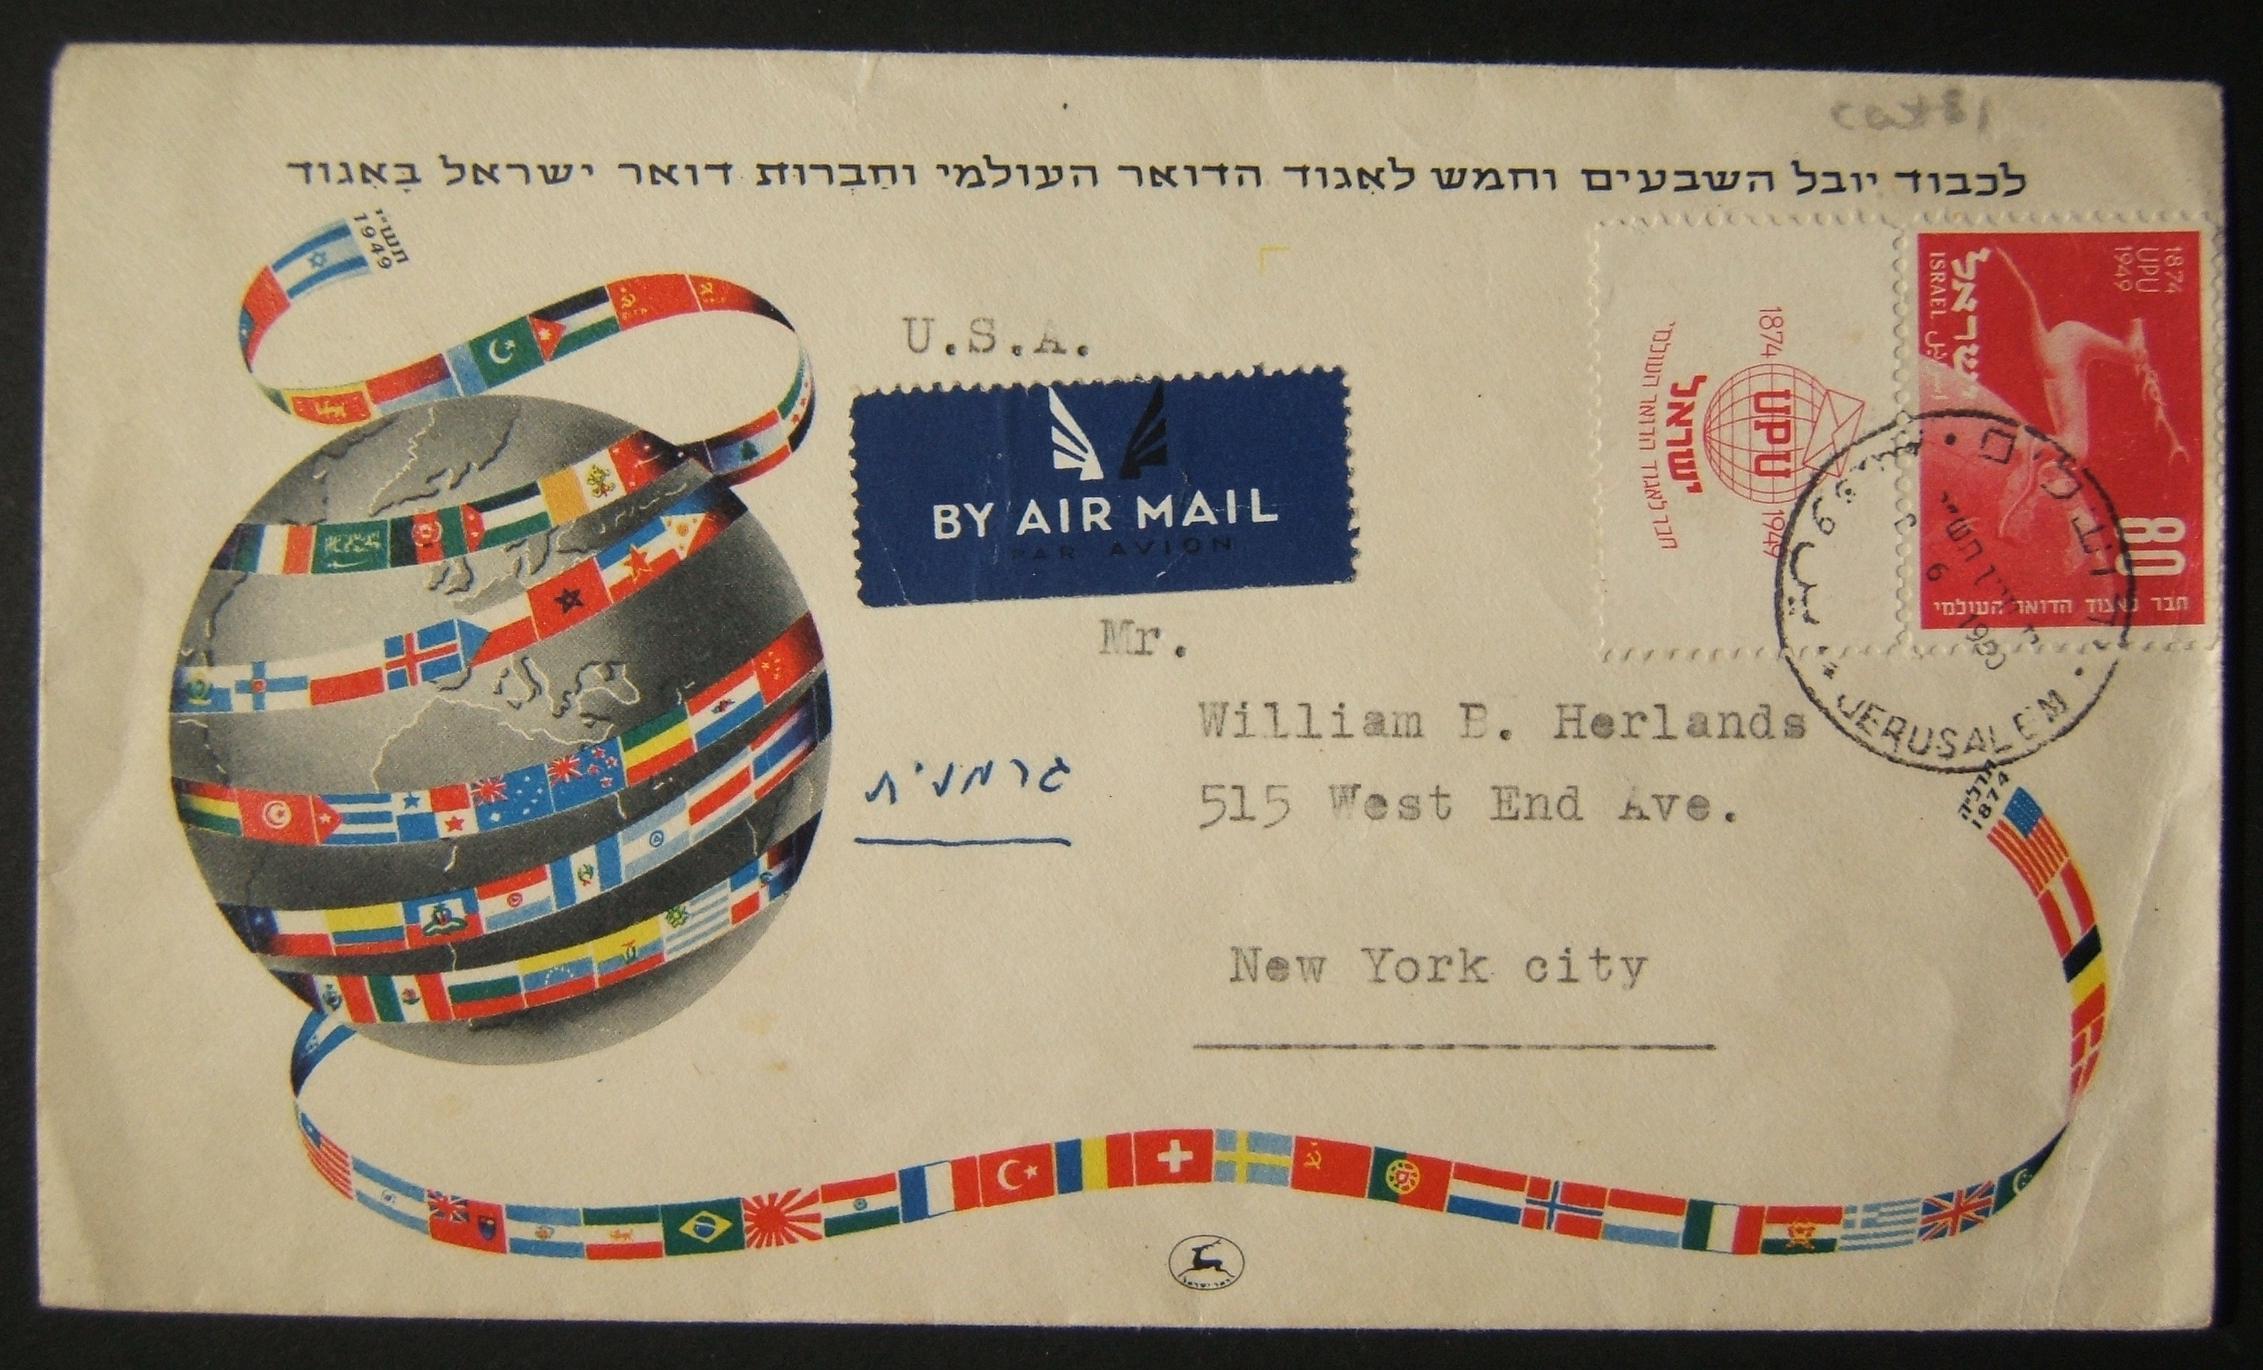 ٦/١٩٥٠ غطاء إحتفالي من طراز airmailed إلى الولايات المتحدة الأمريكية يستخدم ختم UPU ذو نصف علامة 80pr